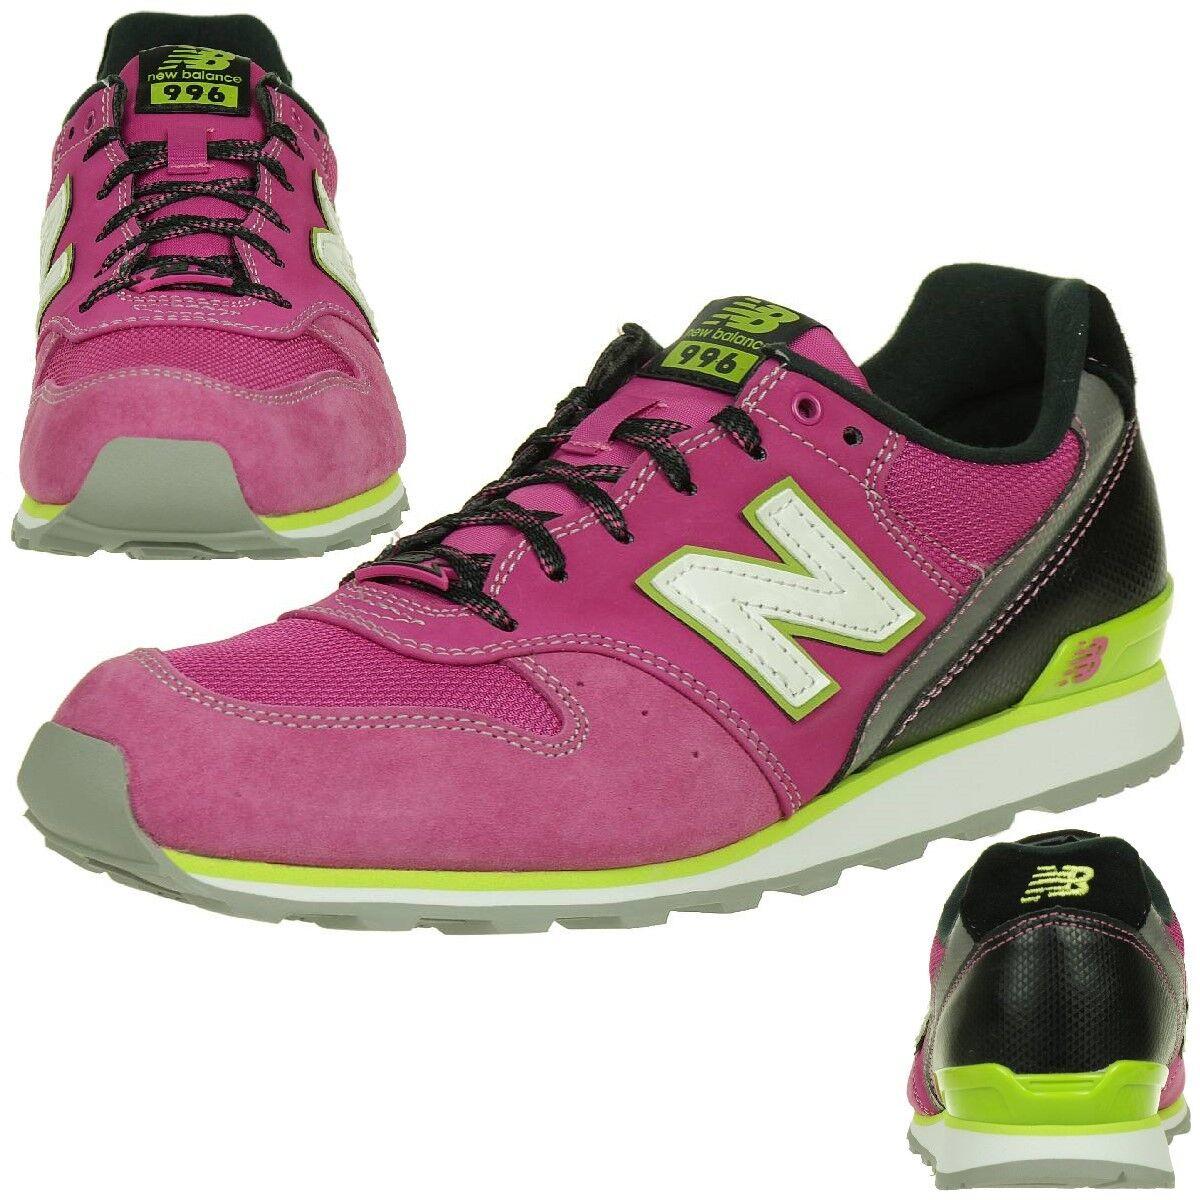 Zapatos de mujer baratos zapatos de mujer Barato y cómodo new balance wr996eh Deportiva Clásica Zapatos Mujer Fucsia 996